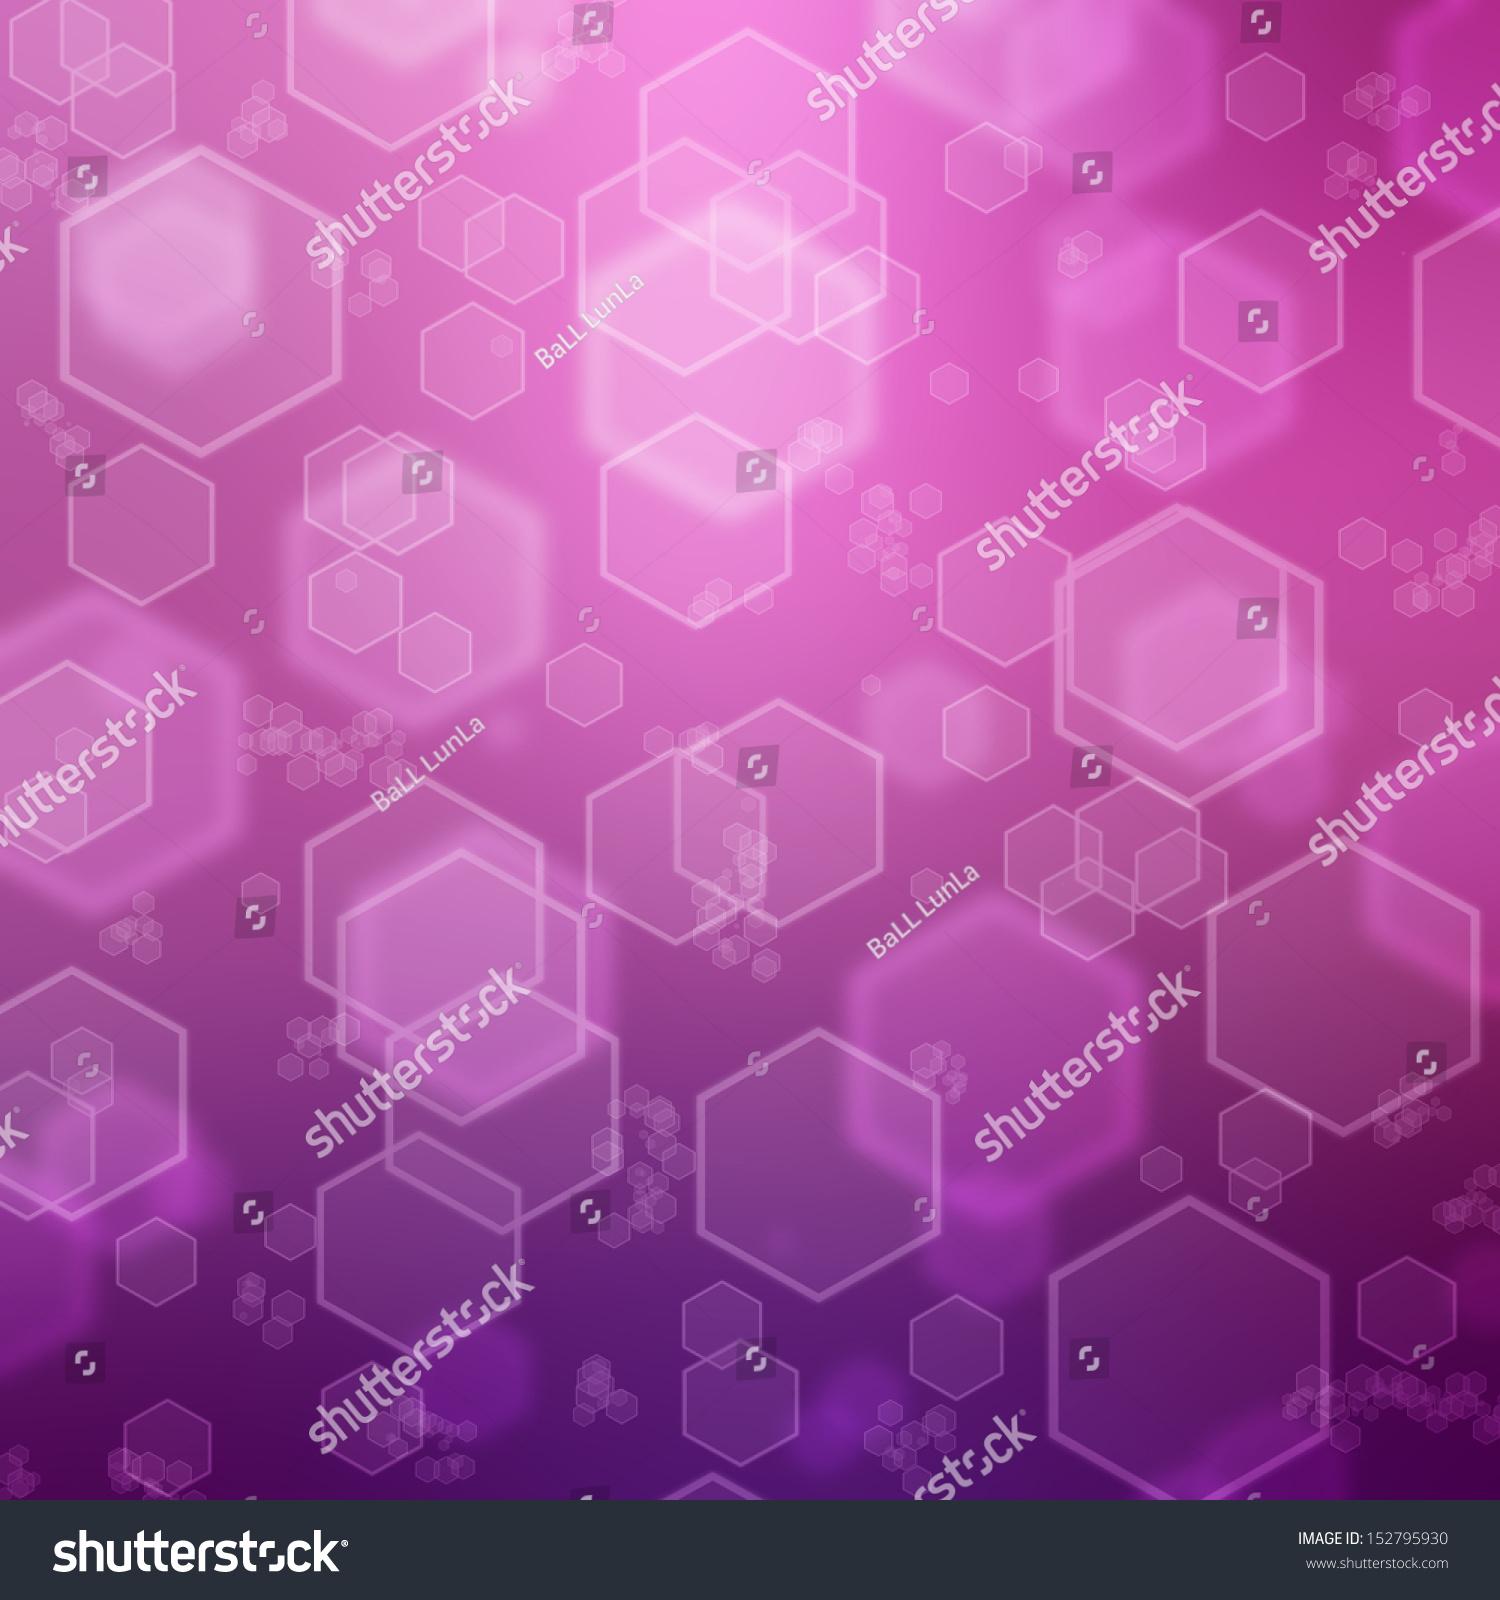 抽象的背景,六边形结构-背景/素材,抽象-海洛创意()-.